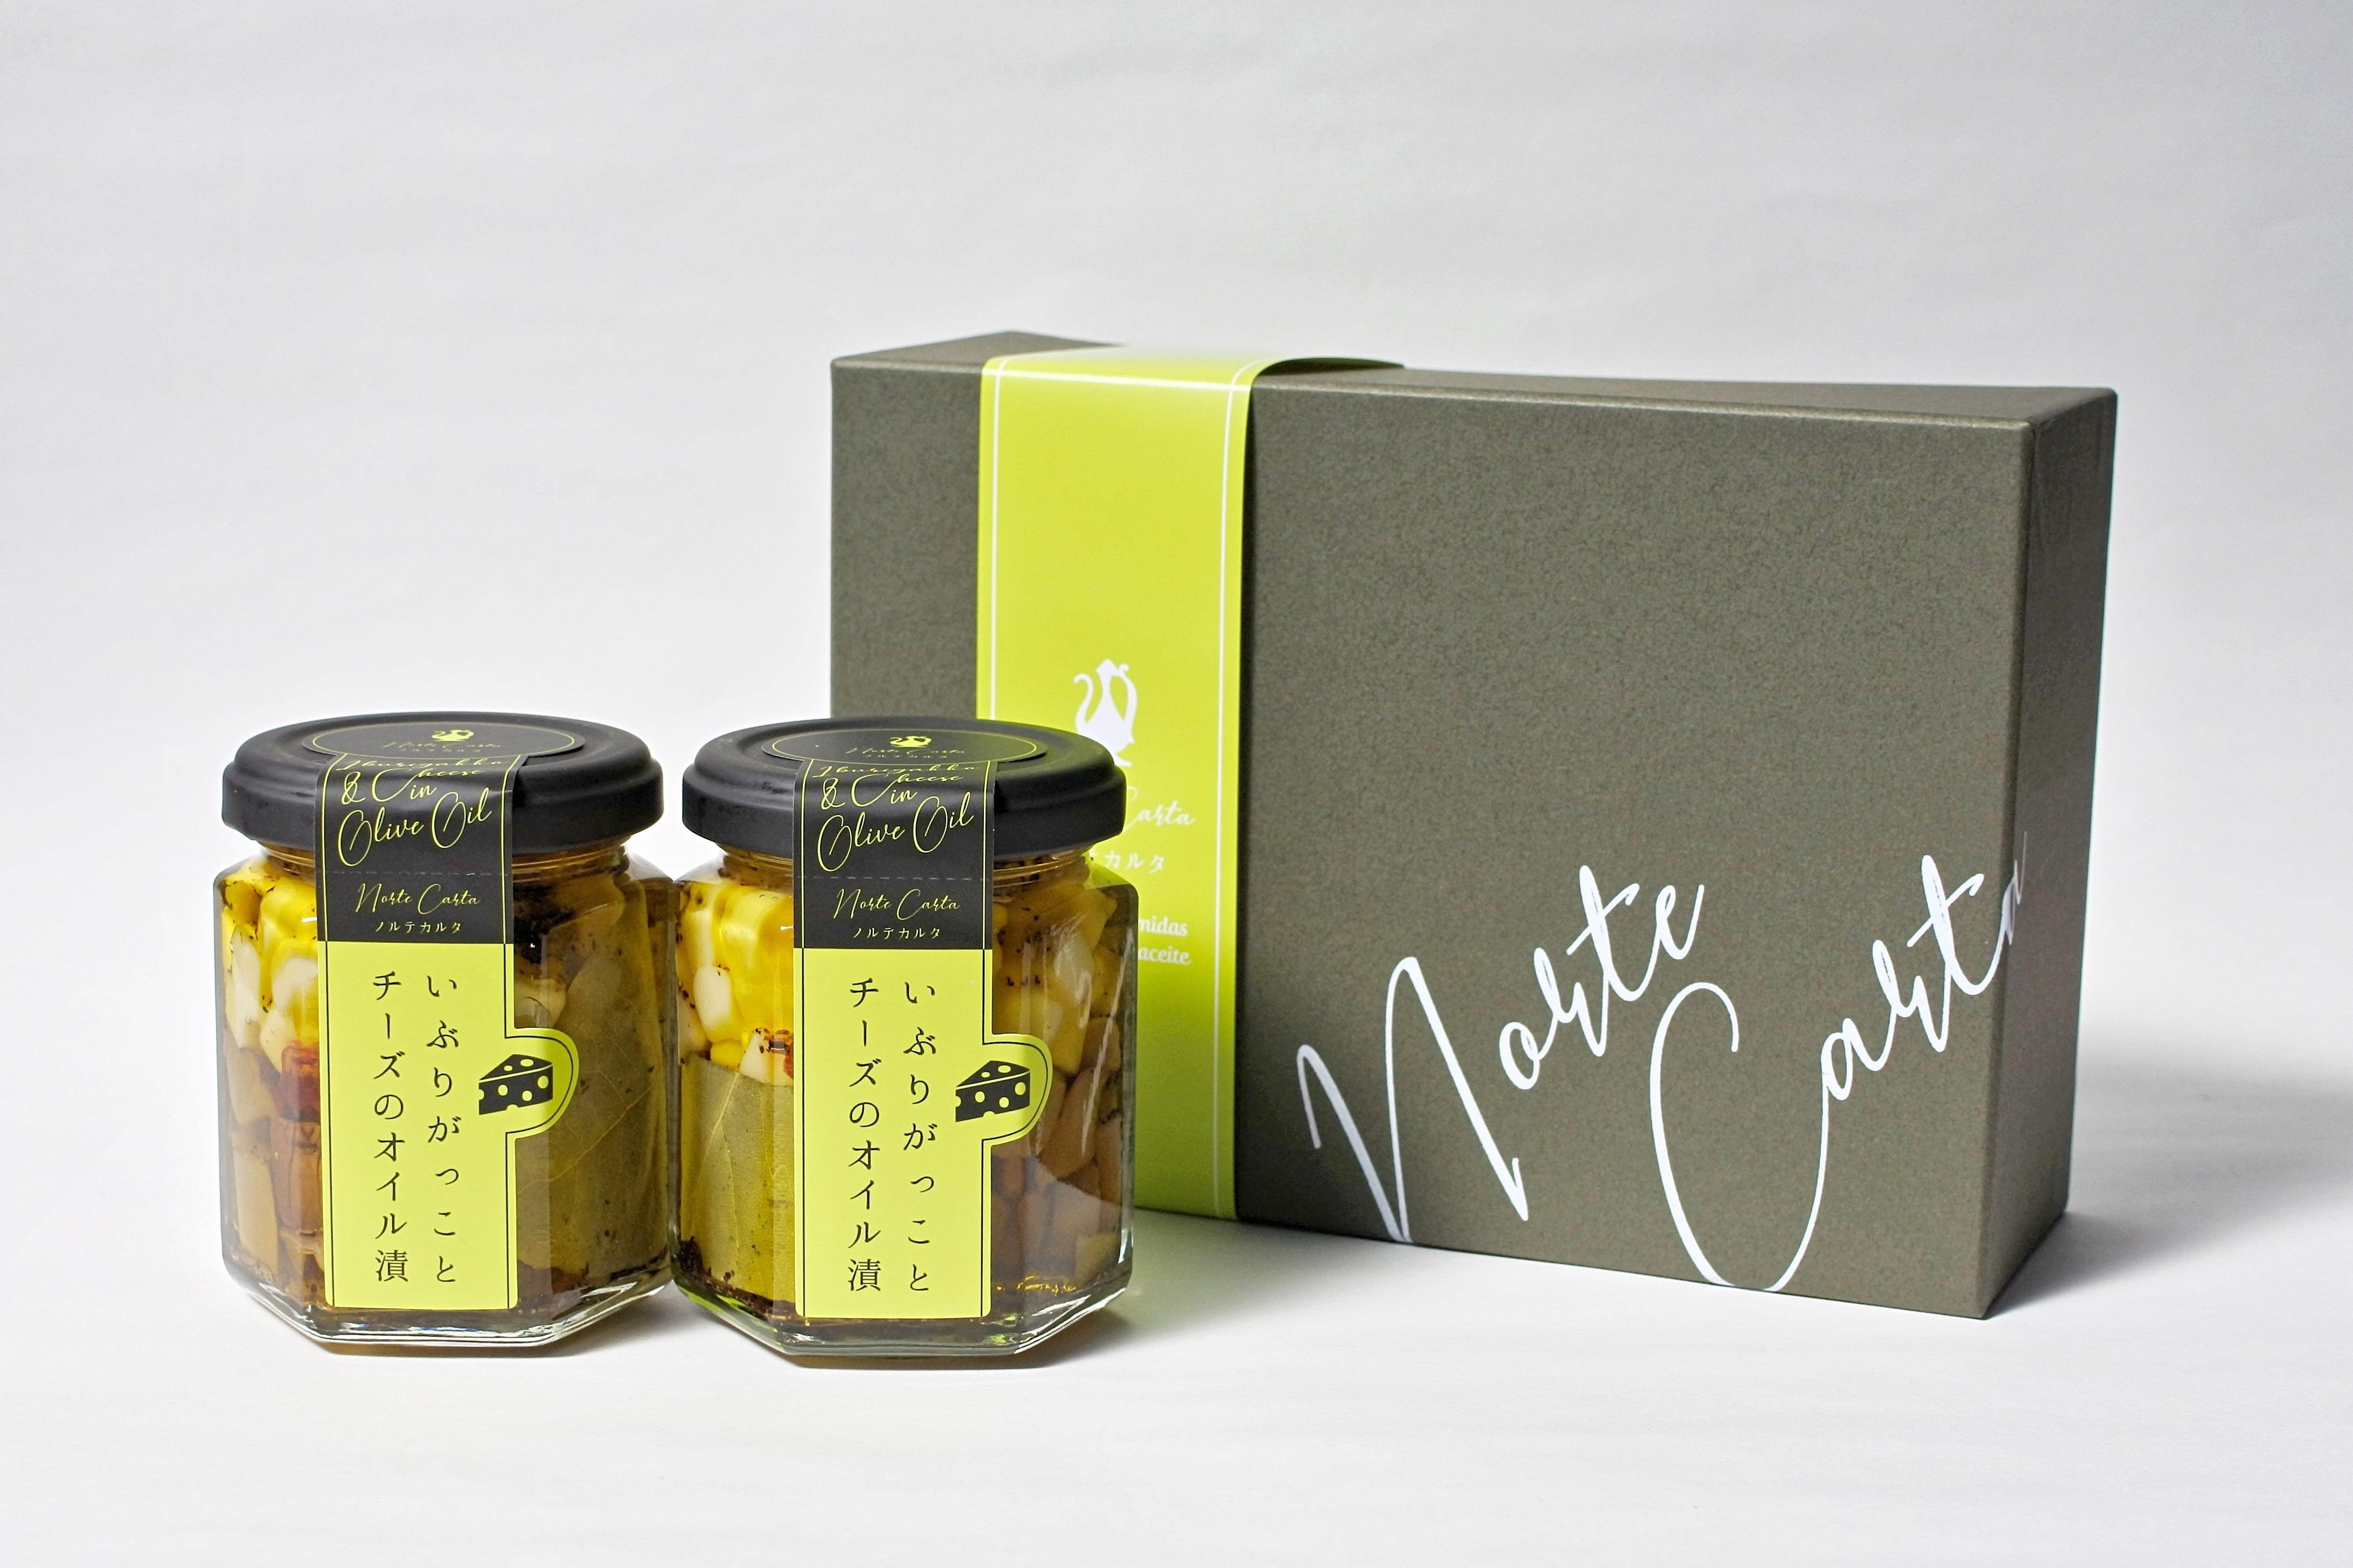 オリジナルギフト箱入:いぶりがっことチーズのオイル漬2本ギフトセット